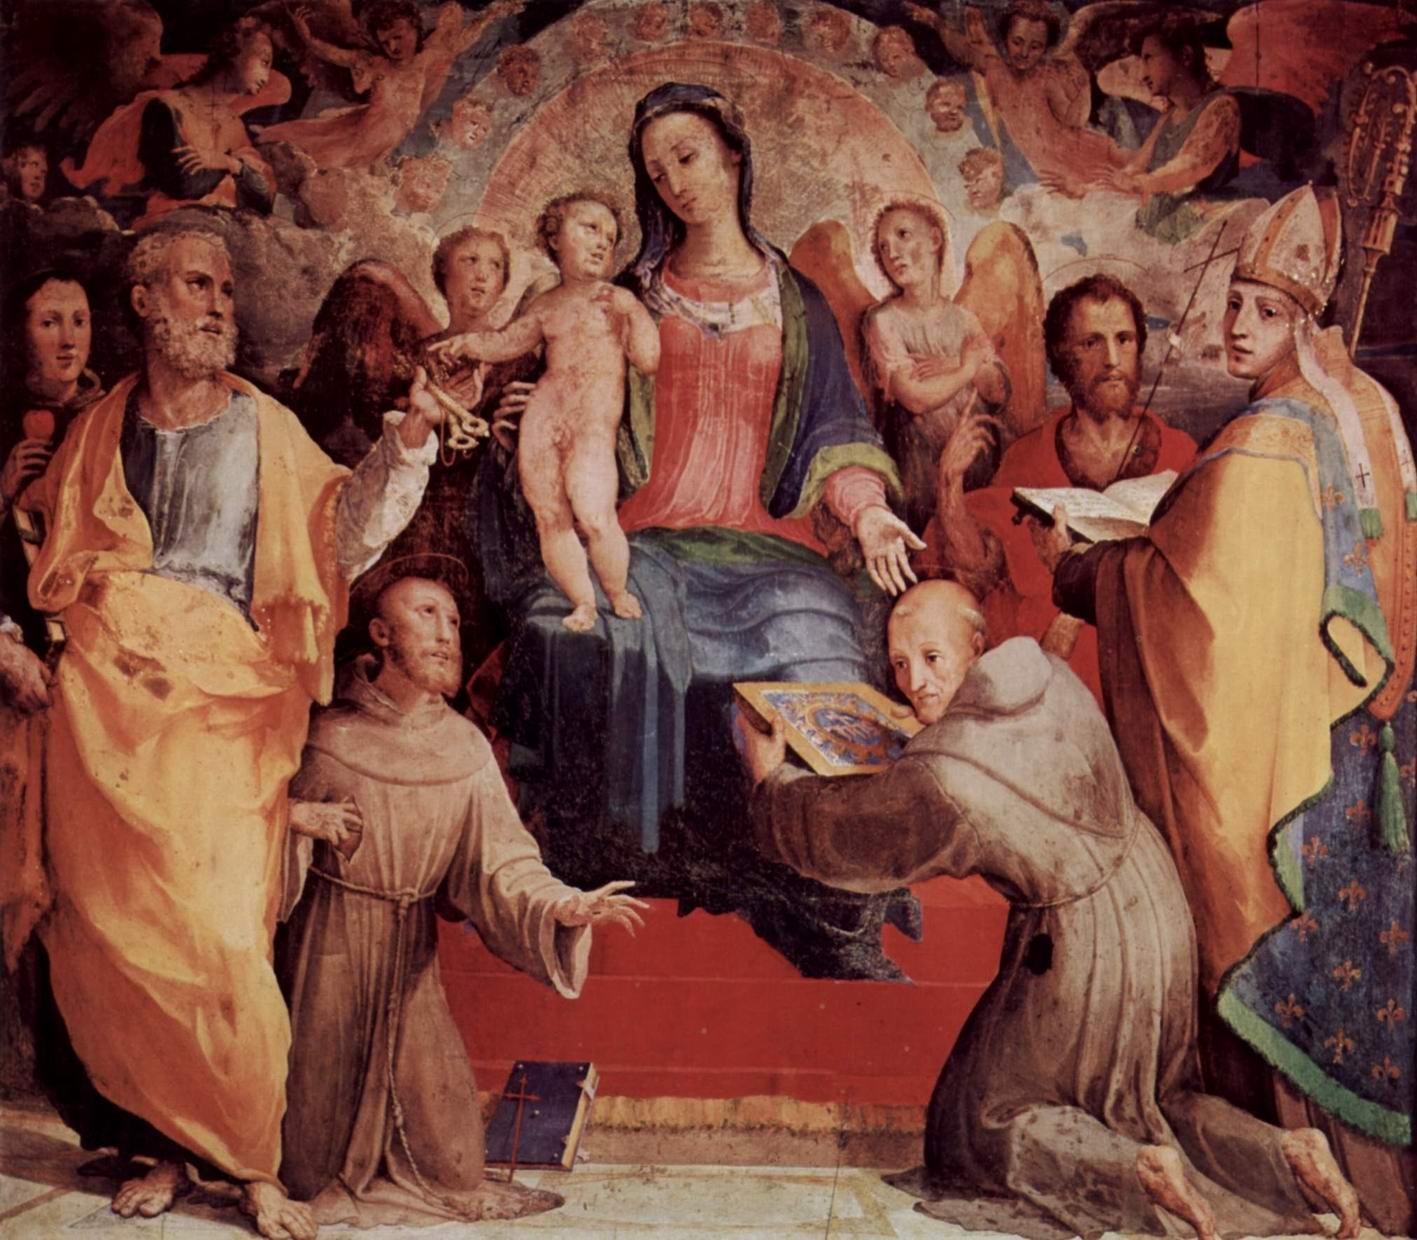 Алтарь в капелле св. Бернардина в Сиене, центральная часть  Мадонна на троне, Беккафуми Доменико